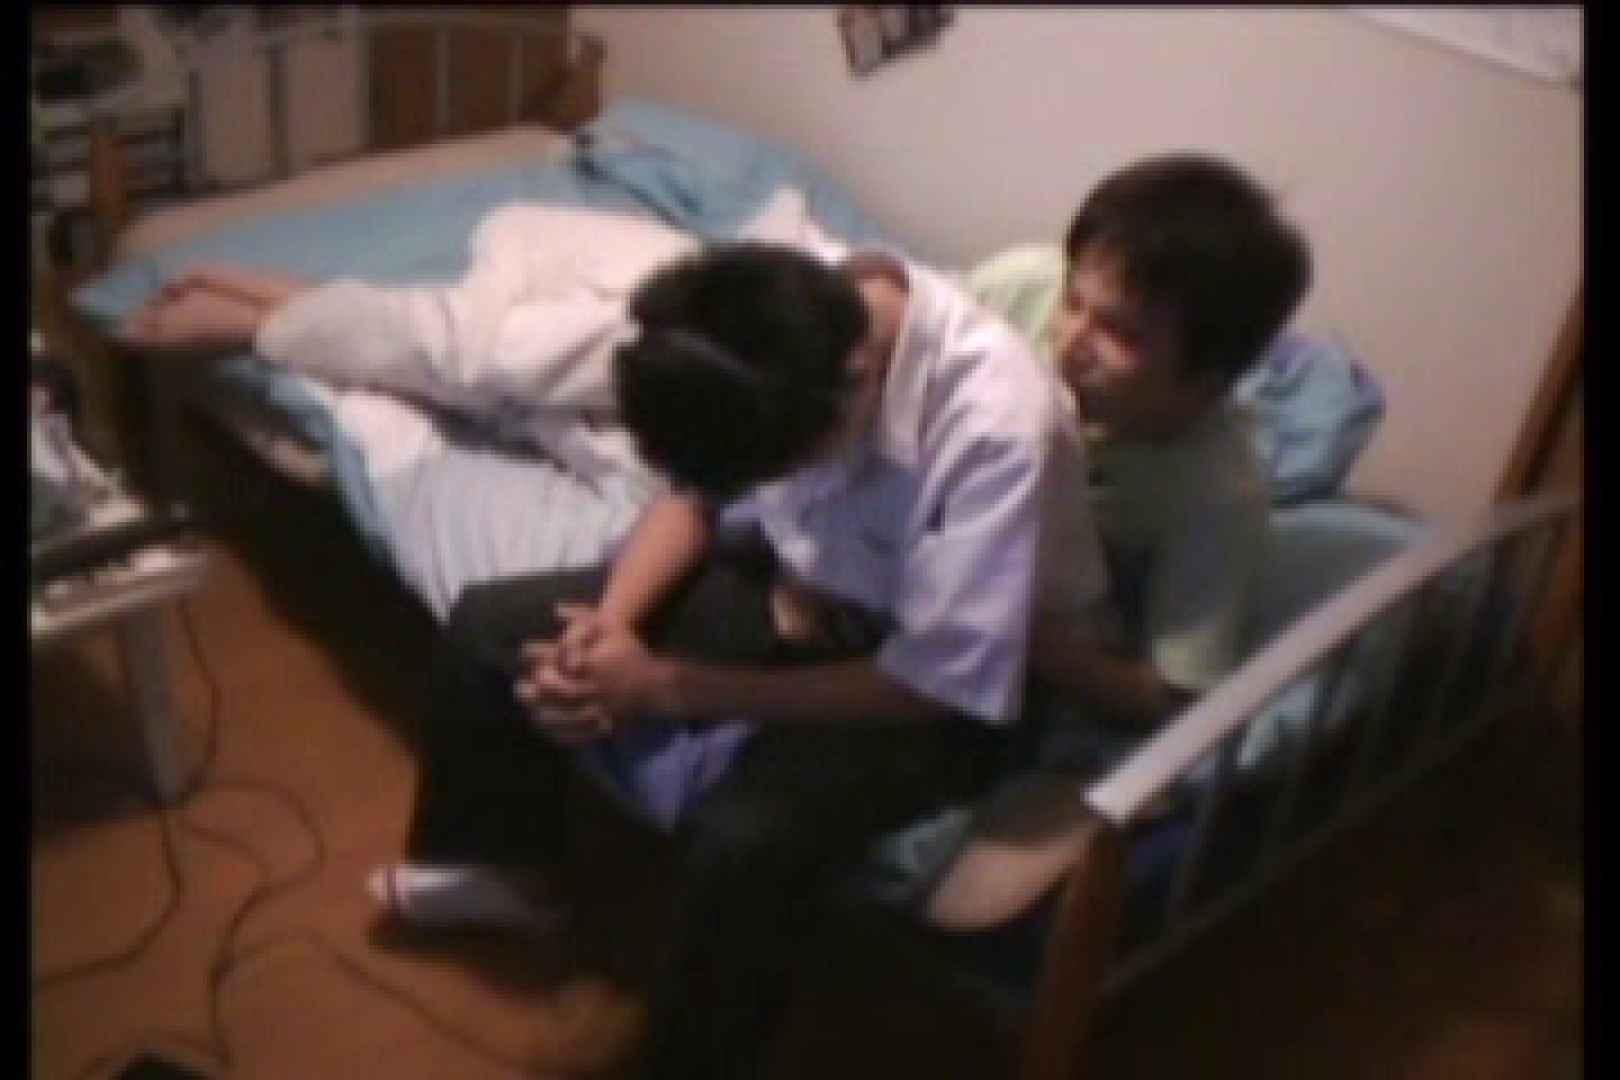 【実録投稿】友達覗撮In my room!! 射精  102pic 34